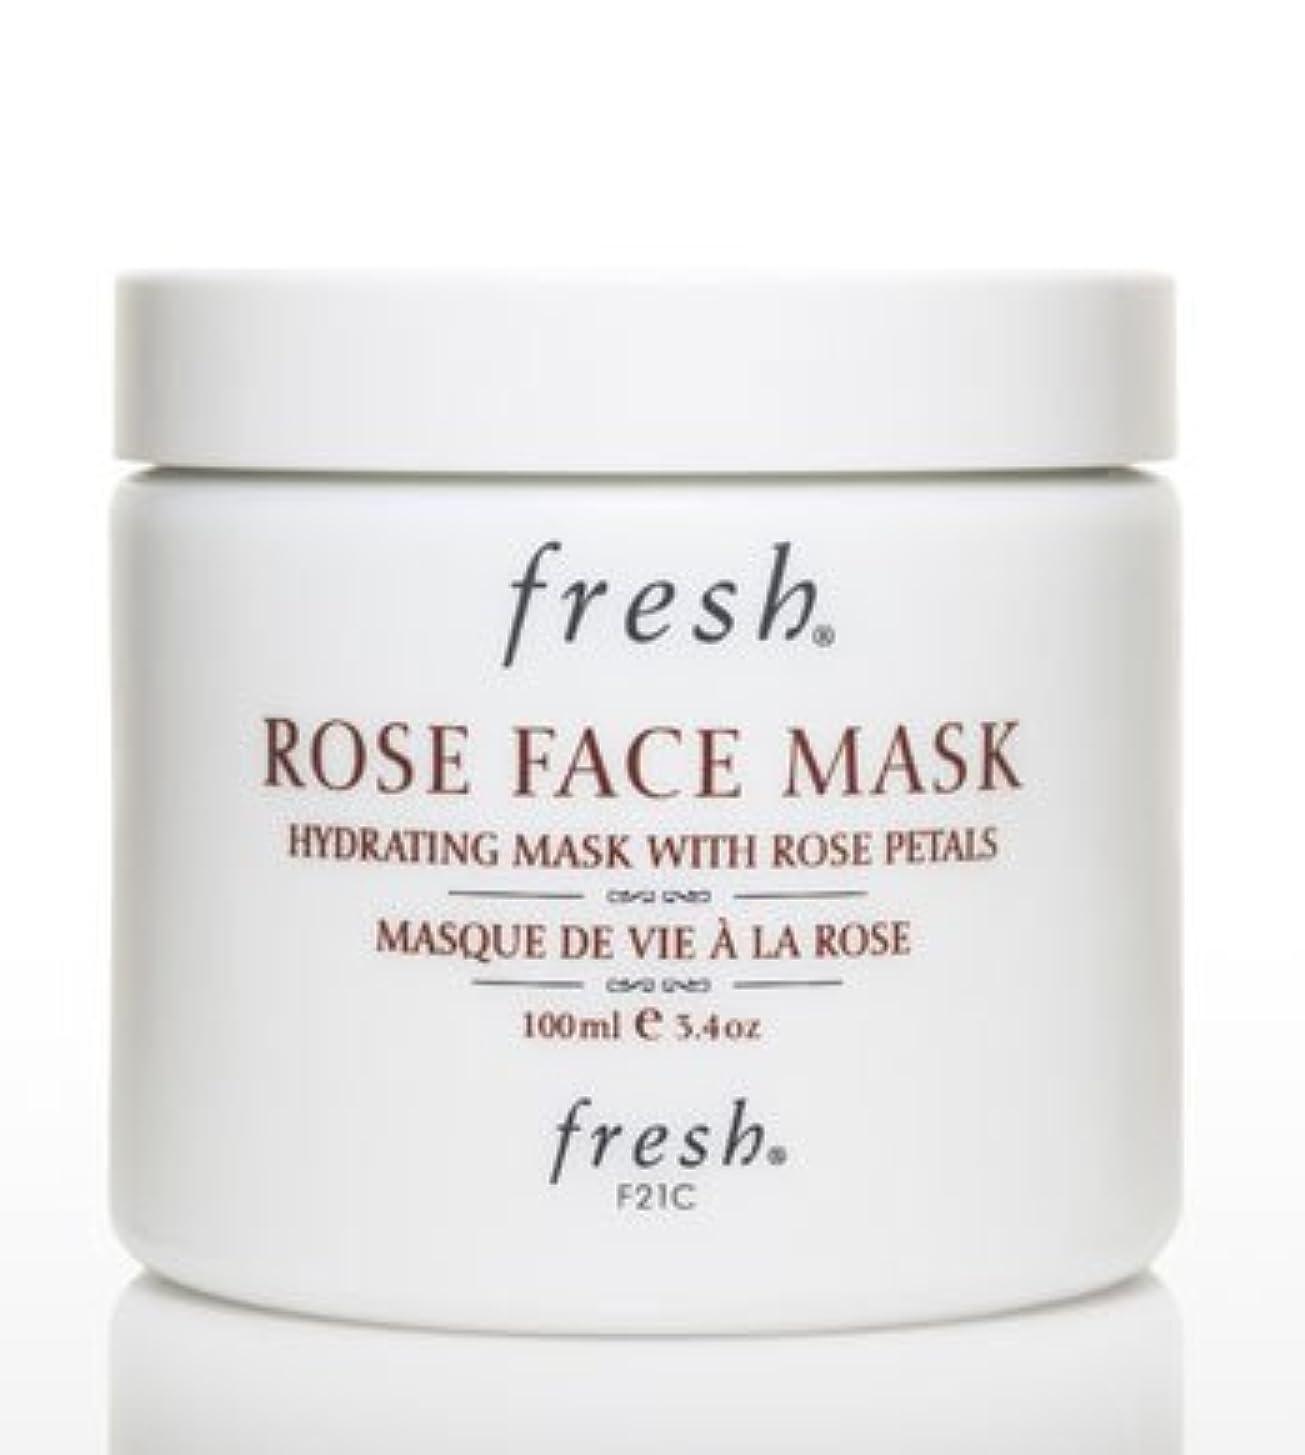 キャッシュ微視的犯罪Fresh ROSE FACE MASK (フレッシュ ローズフェイスマスク) 3.4 oz (100g) by Fresh for Women